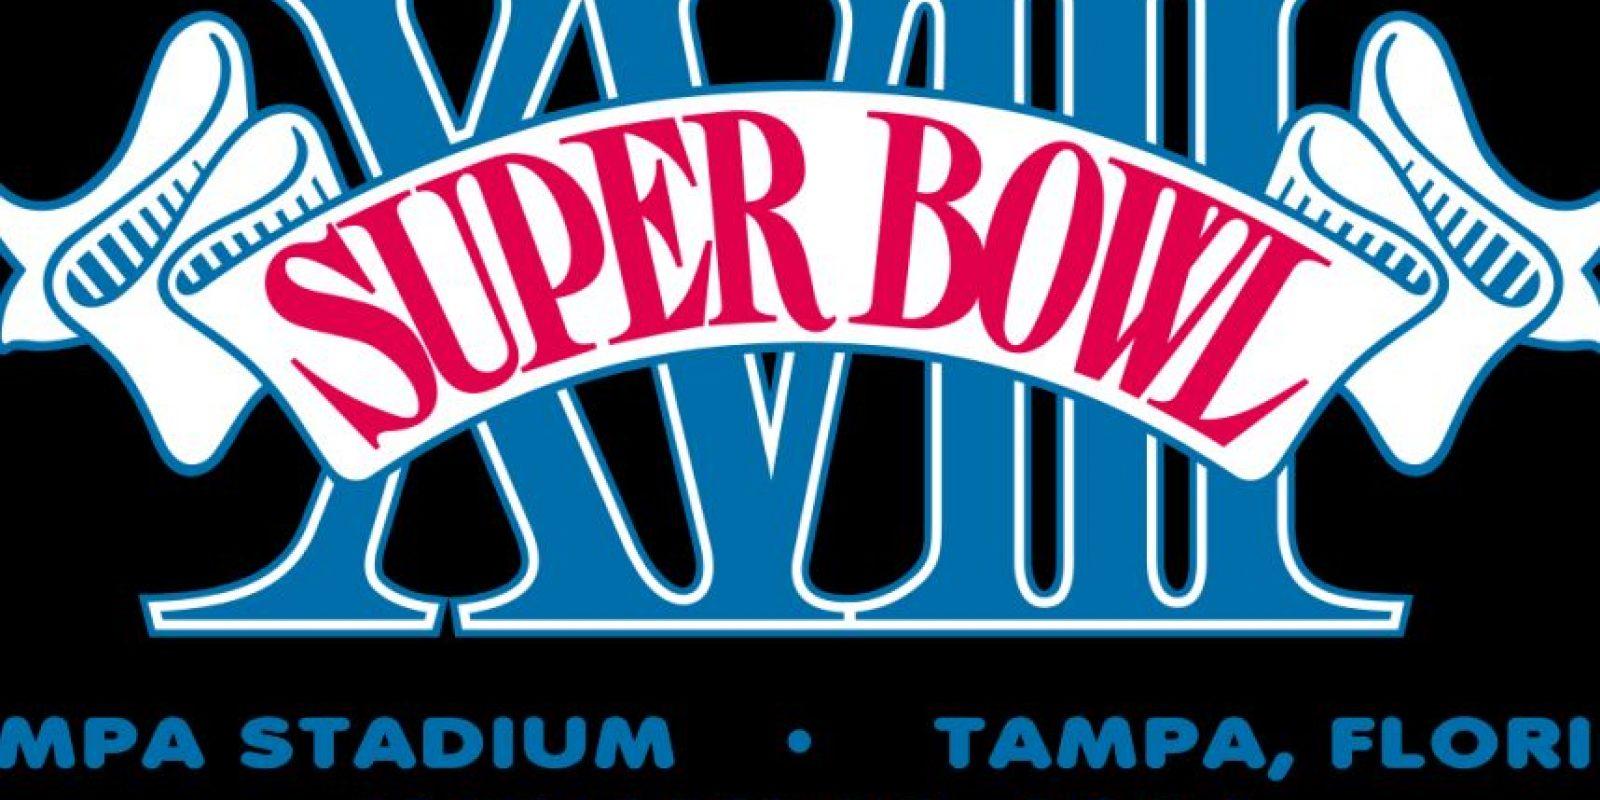 Super Bowl XVIII Foto:Twitter